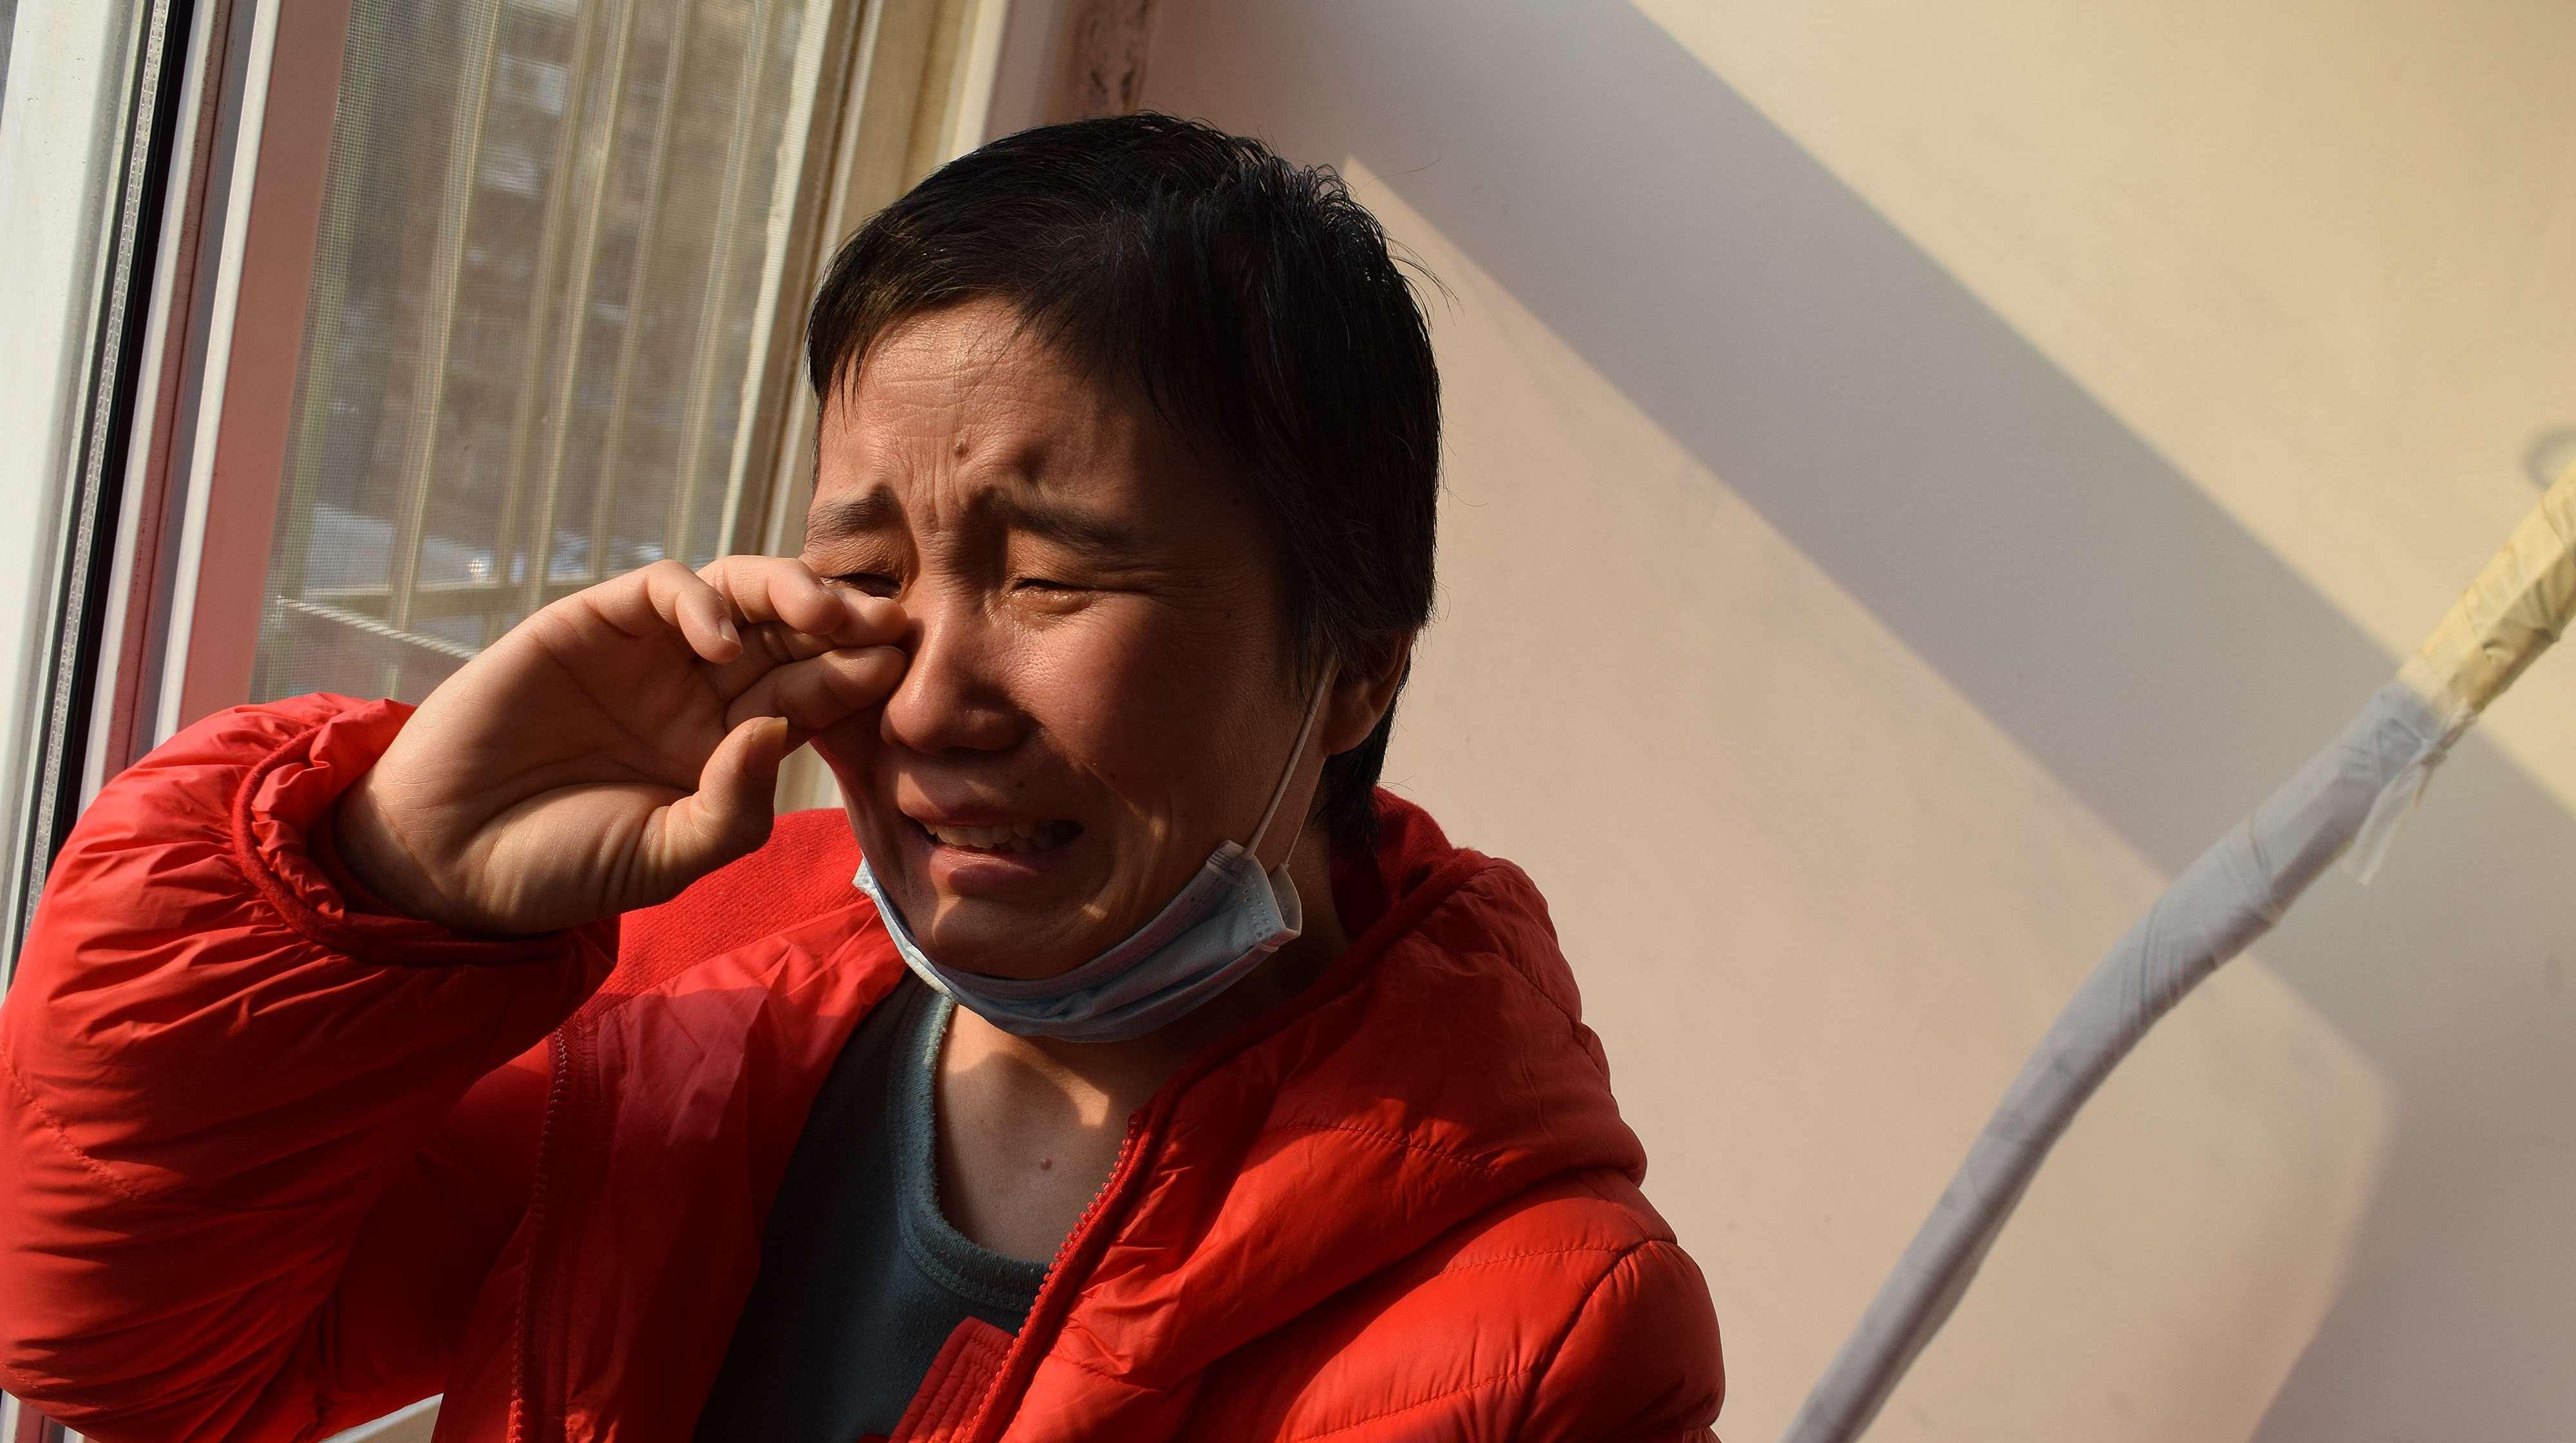 勤俭母亲为救子,5次为其抽血捐骨髓,得知手术失败,一夜白头